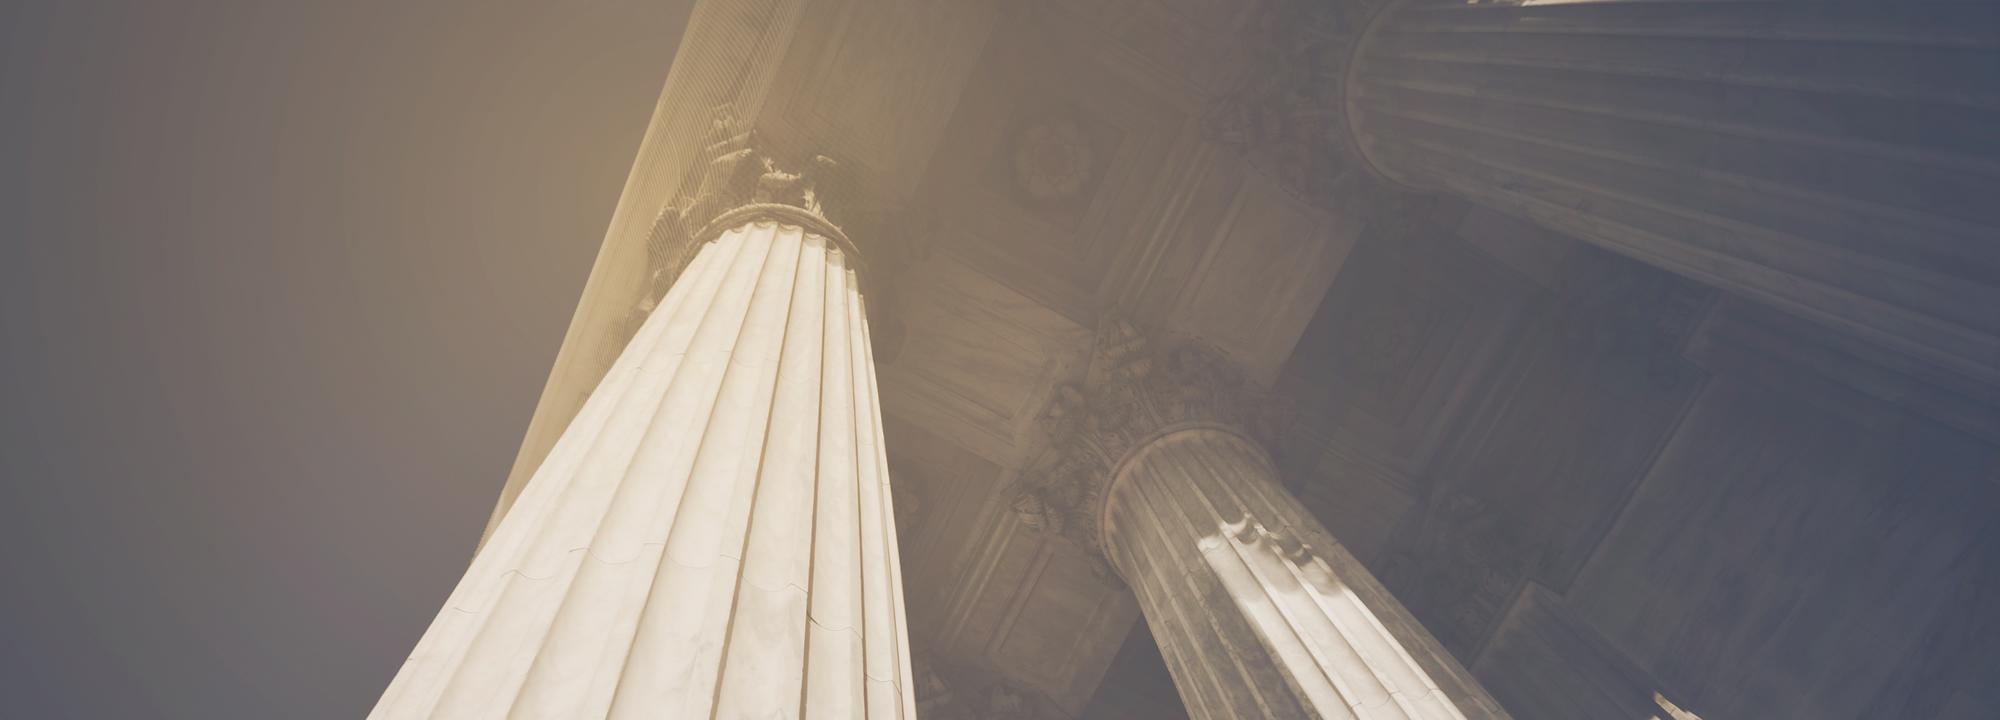 construction-litigation